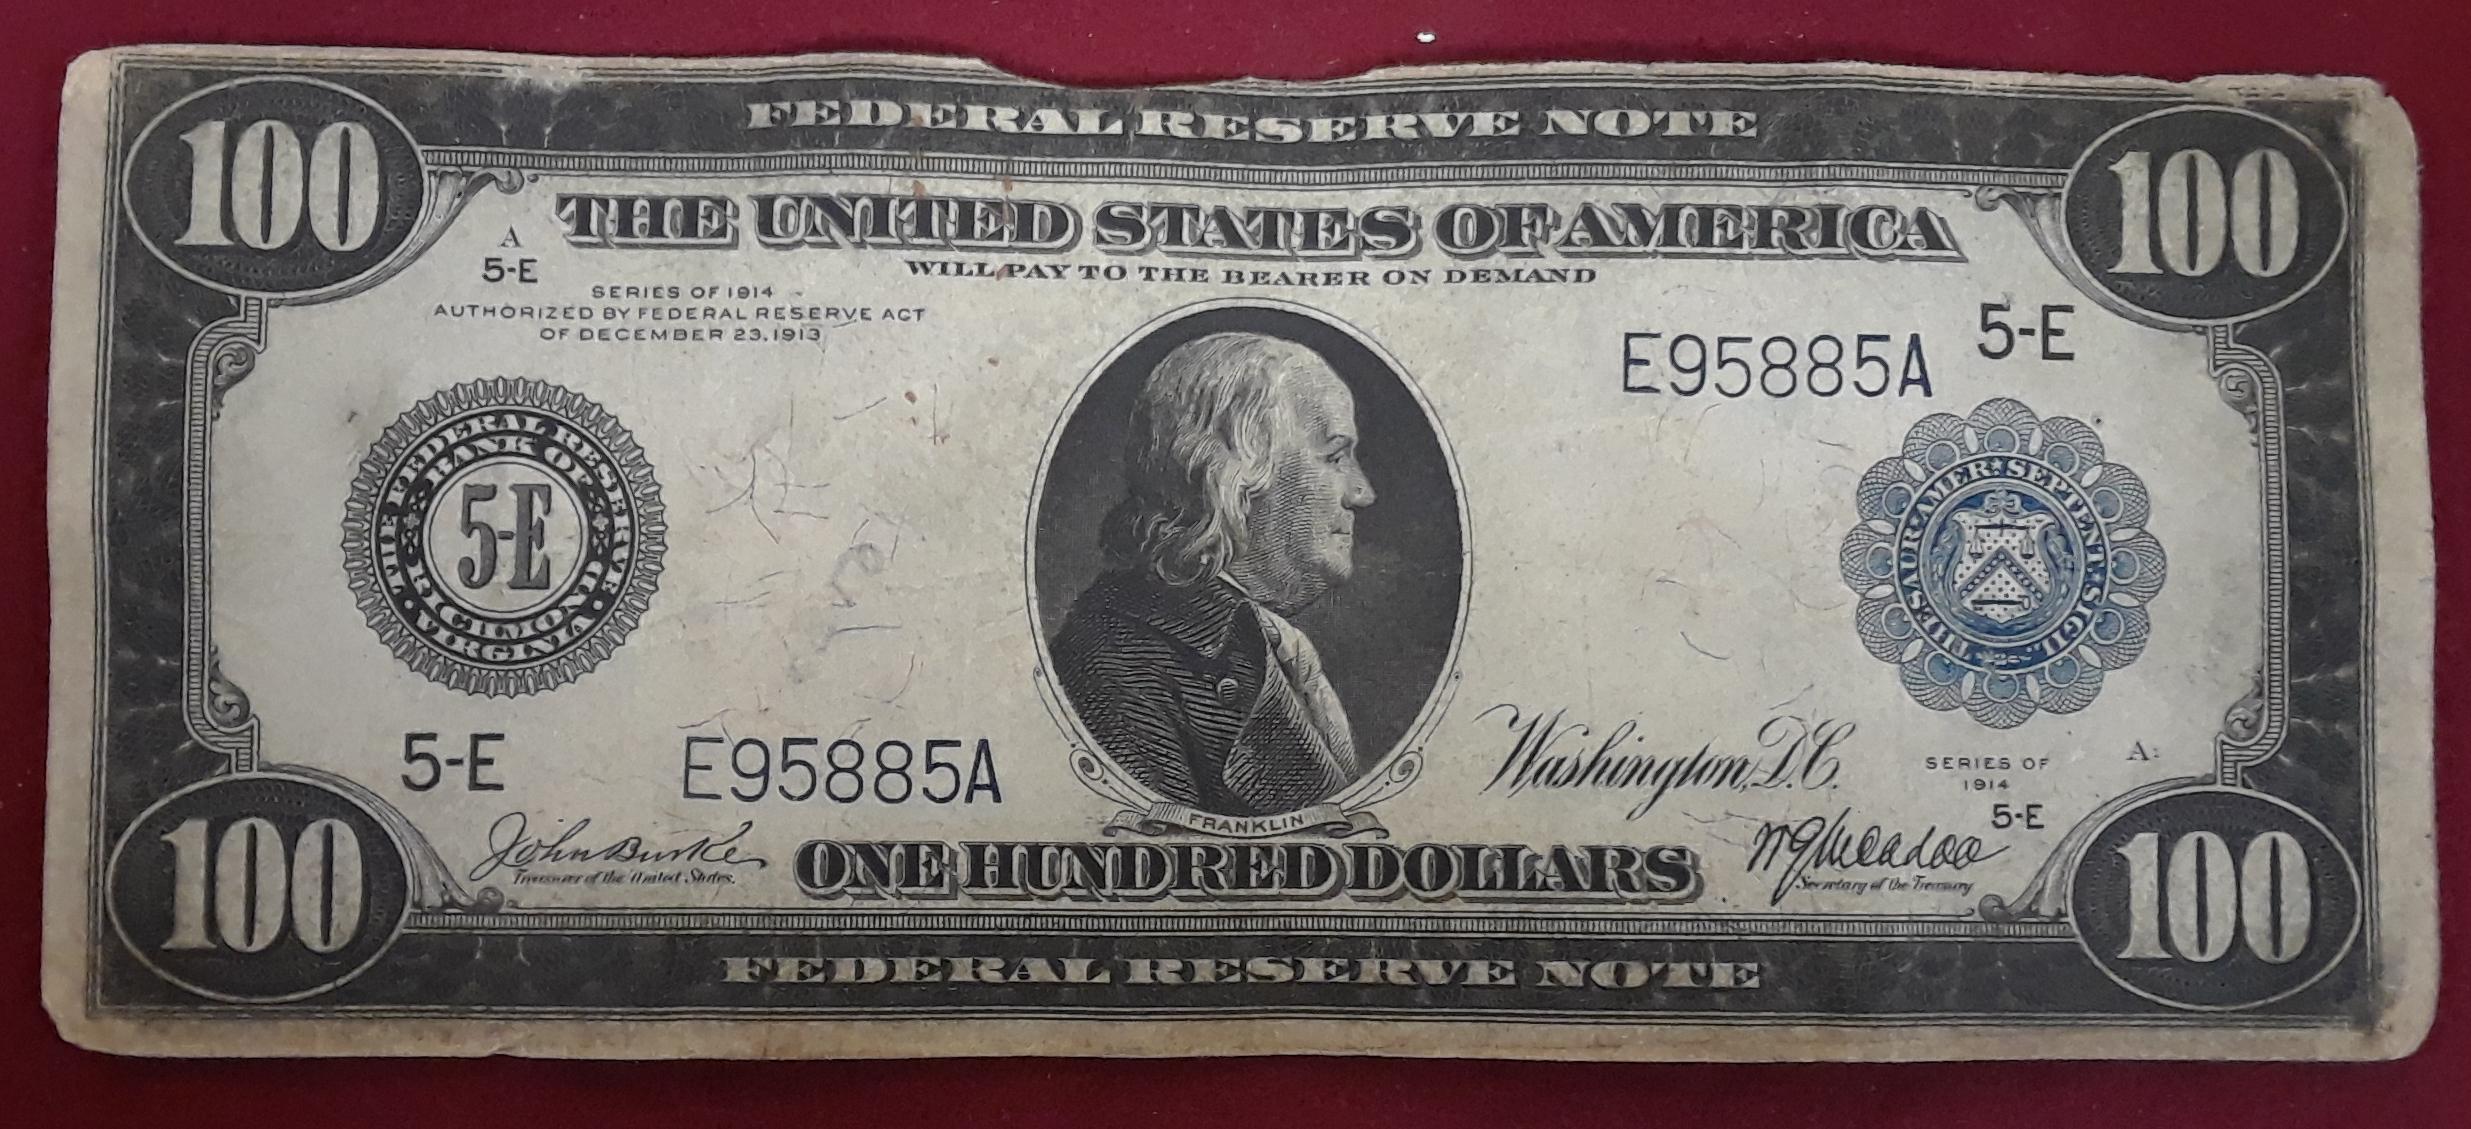 1914 $100 FEDERAL RESERVE NOTE RICHMOND VA 5-E